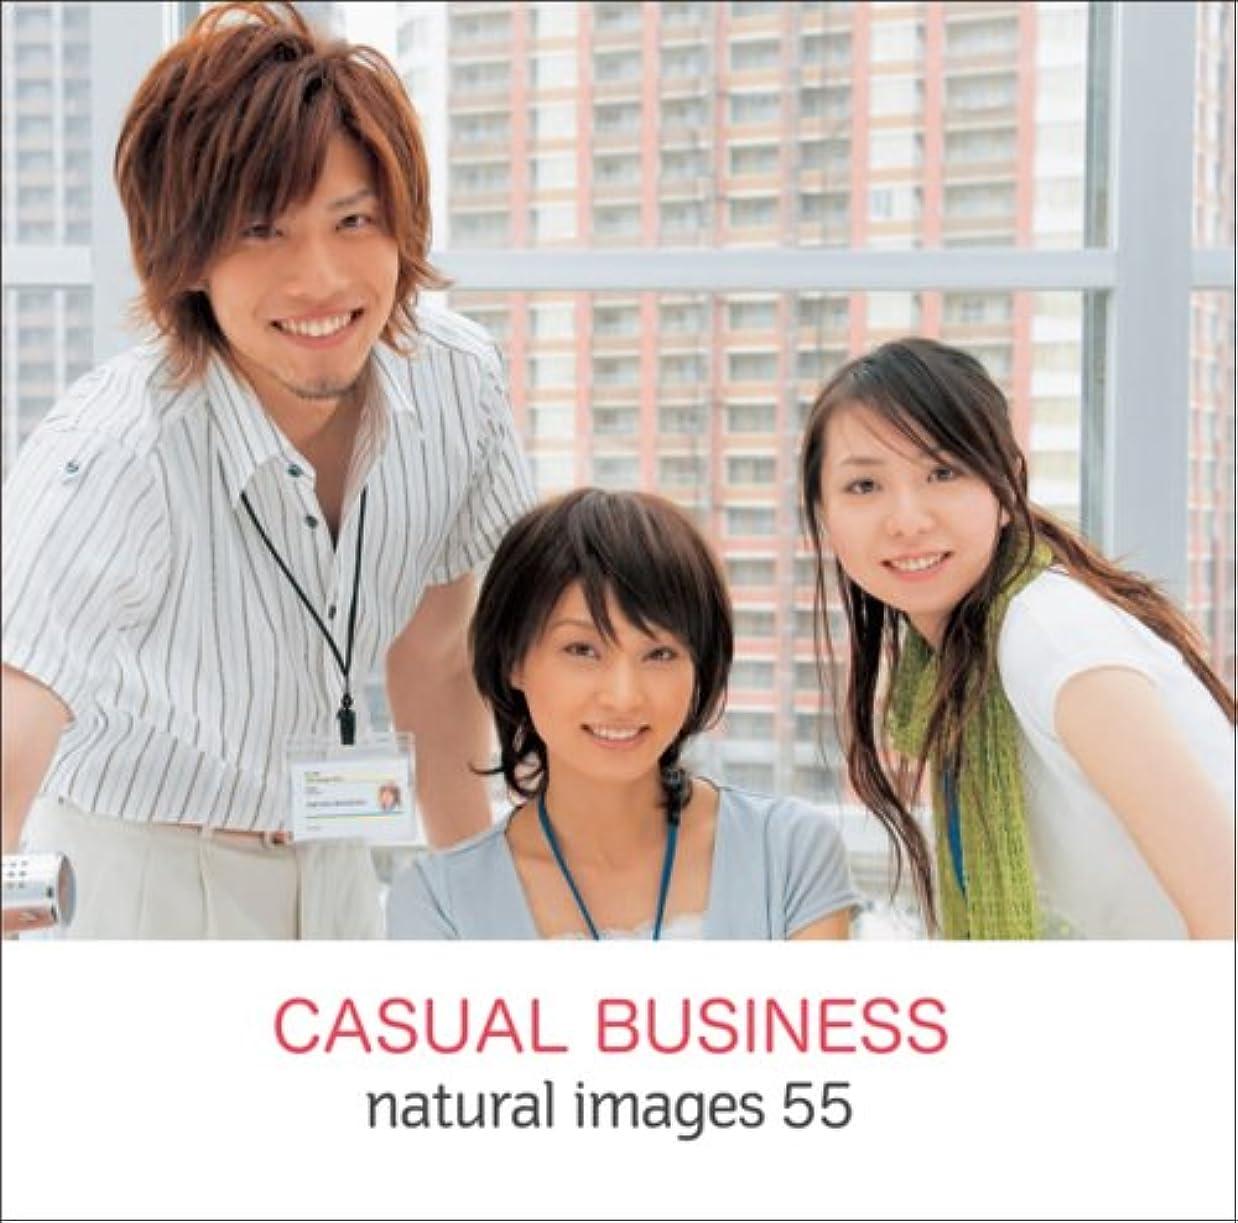 準備する酔っ払い警告natural images Vol.55 CASUAL BUSINESS